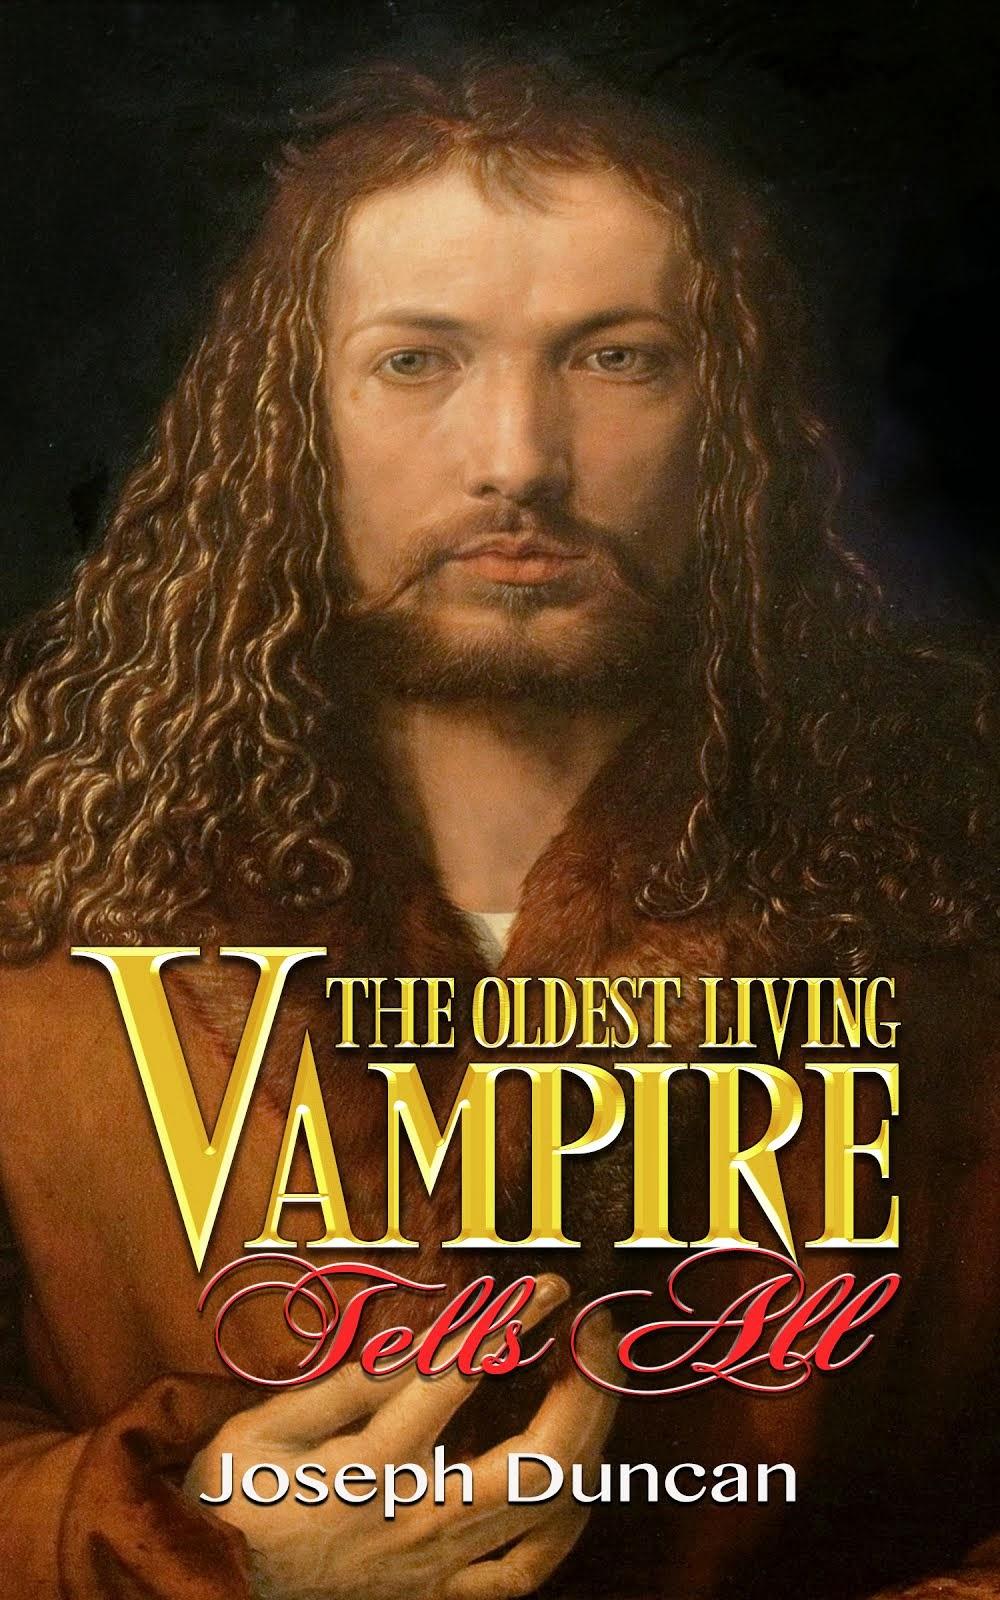 The Oldest Living Vampire Tells All